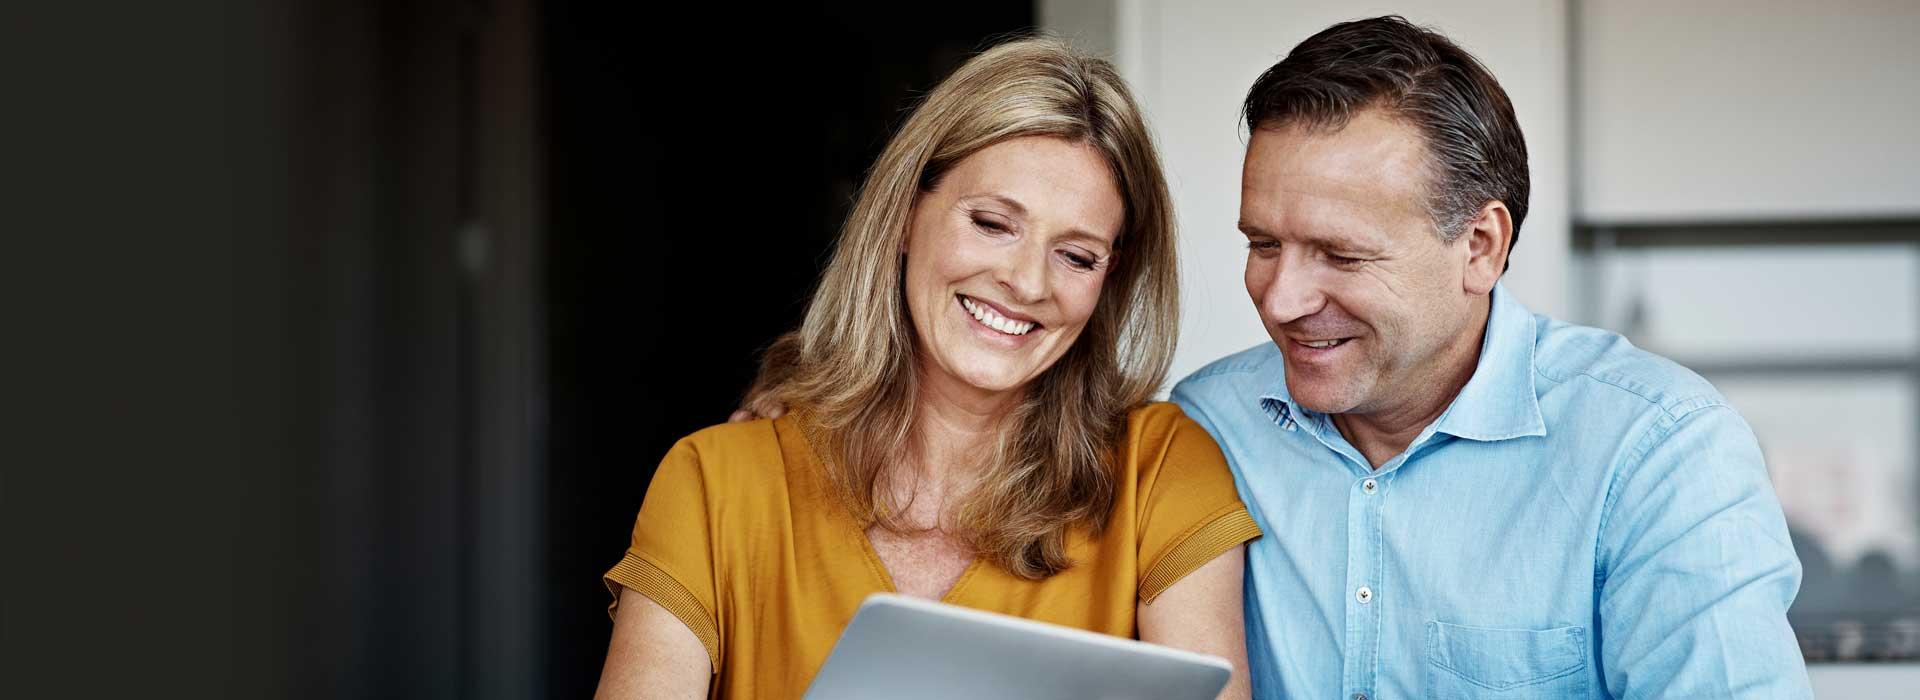 Un couple lisent quelque chose sur leur tablette